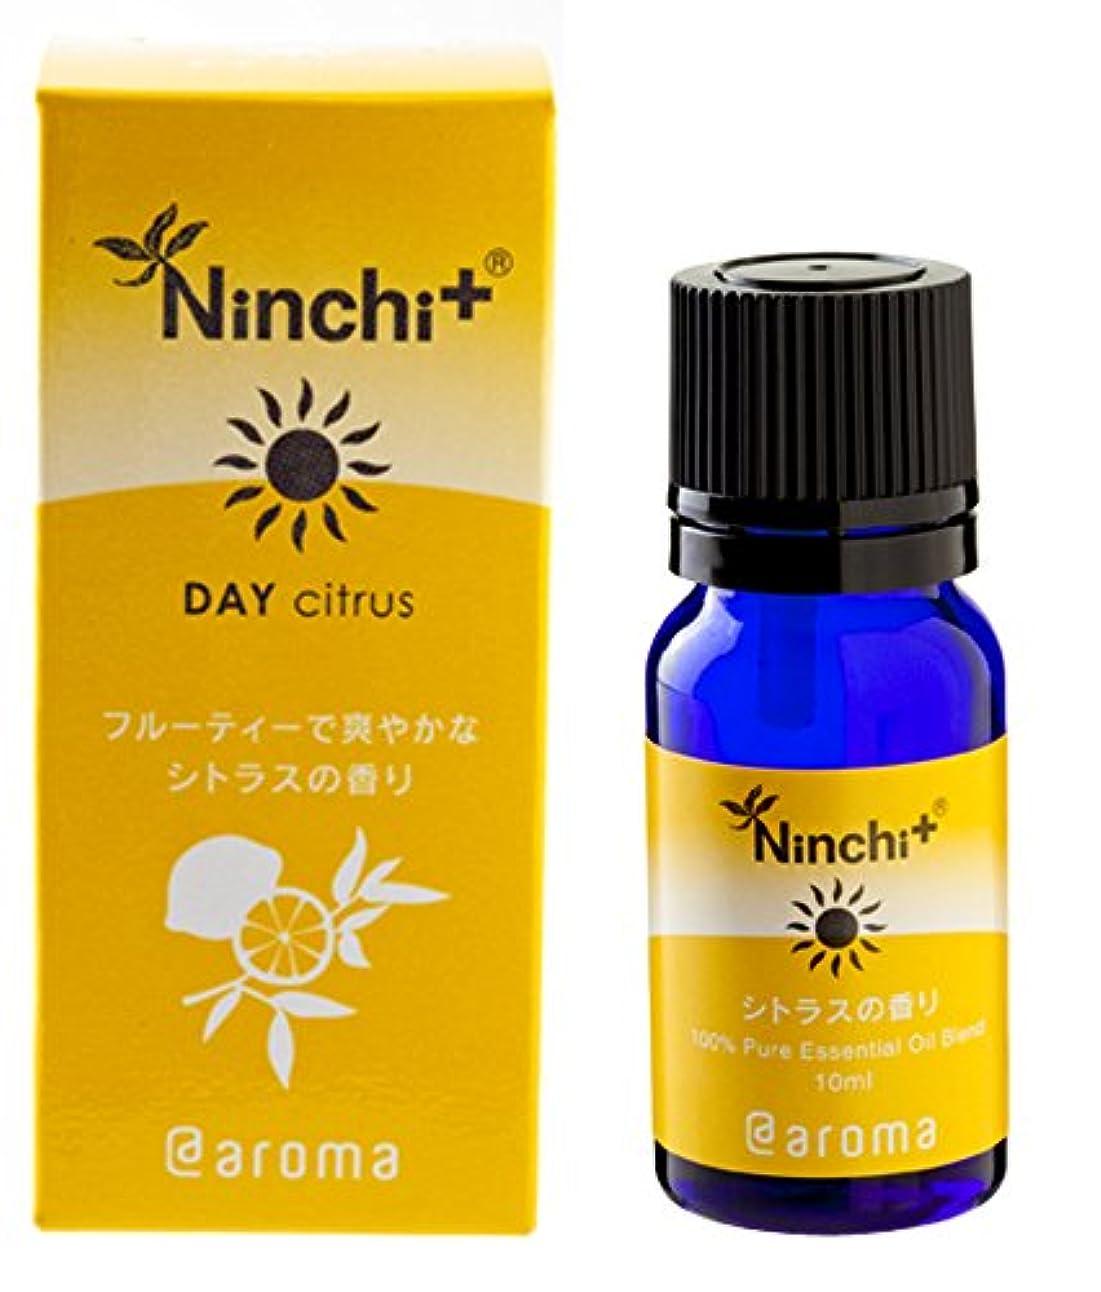 薬商業のやろうNinchi+ Day シトラス10ml